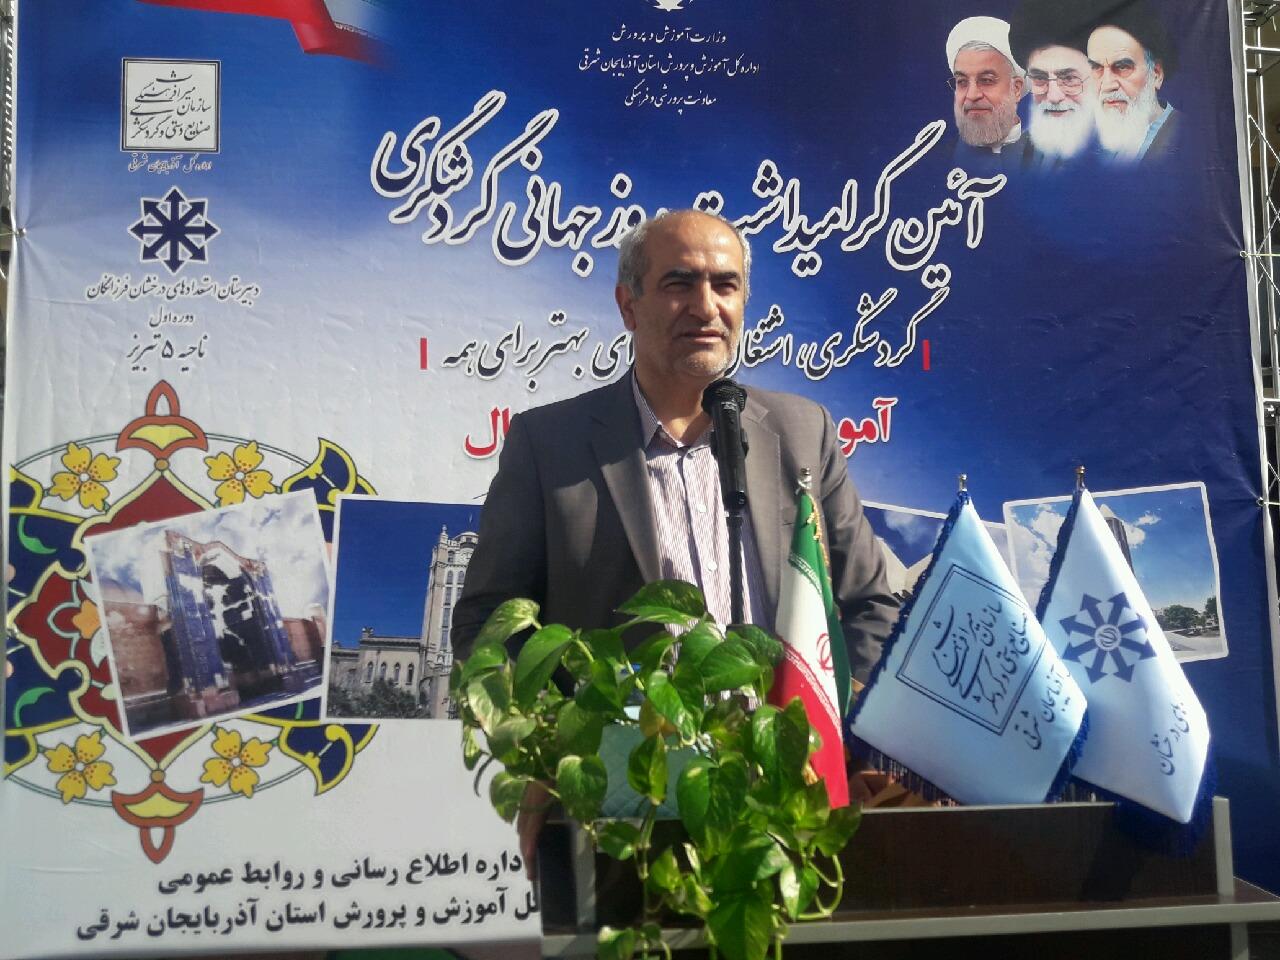 نواخته شدن زنگ گردشگری در تبریز